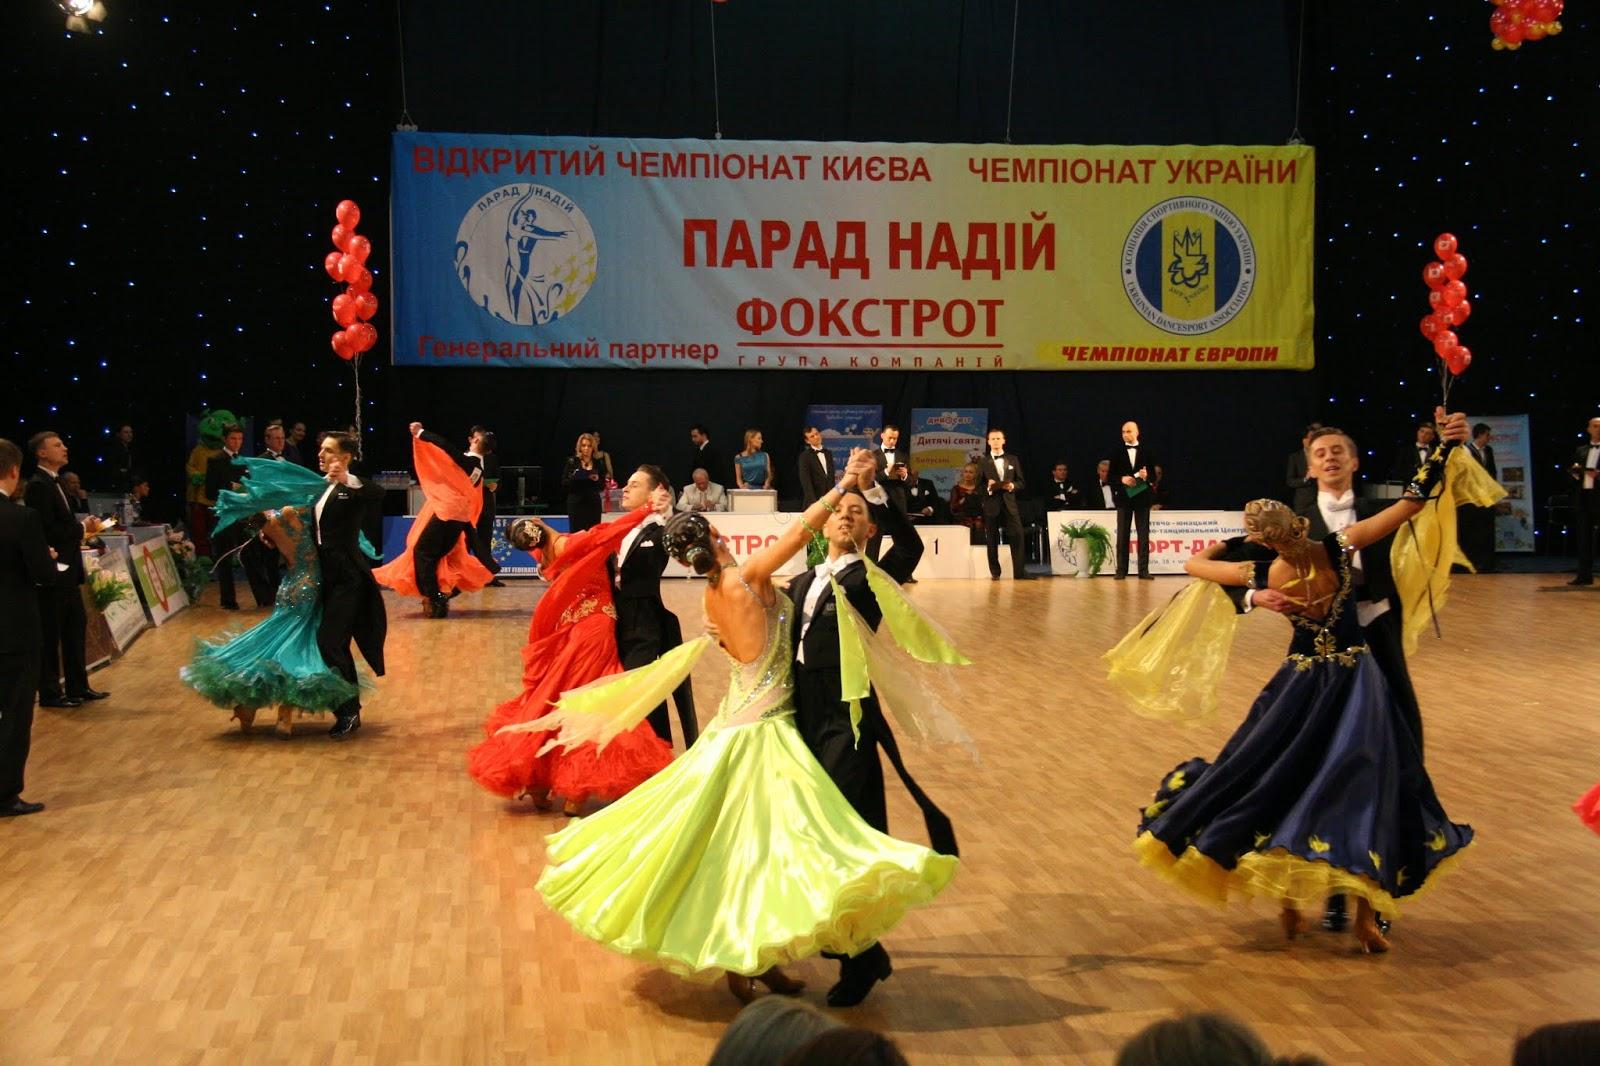 30-й парад спортивних танців відбудеться в Києві  1b091b3e46928